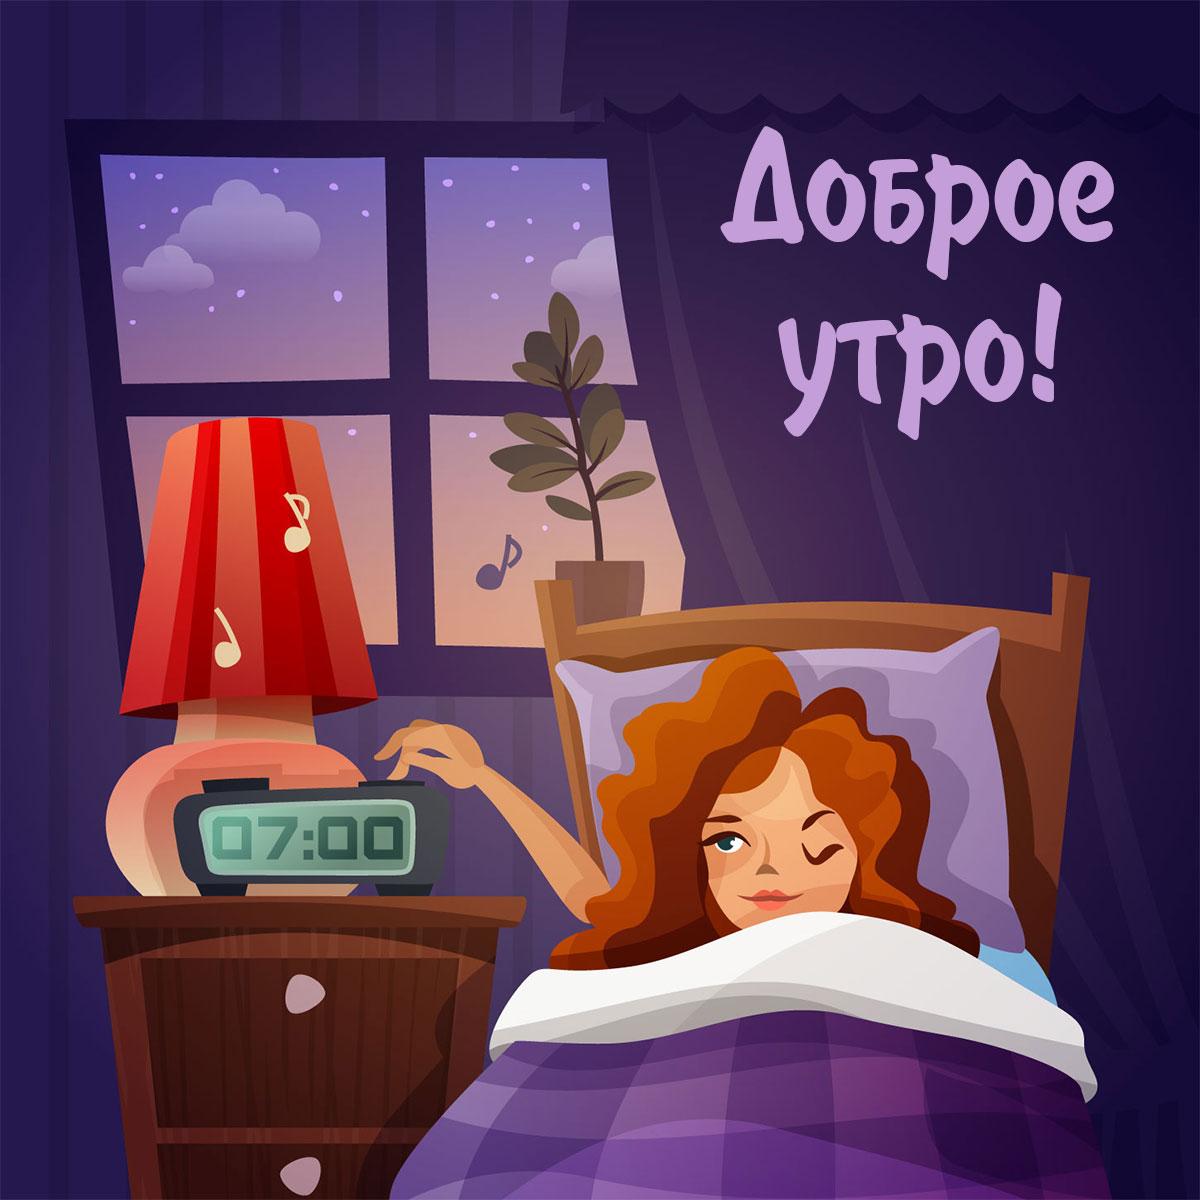 Фиолетовая картинка с надписью доброе утро: девушка в постели под одеялом выключает электронный будильник под лампой на прикроватной тумбочке.